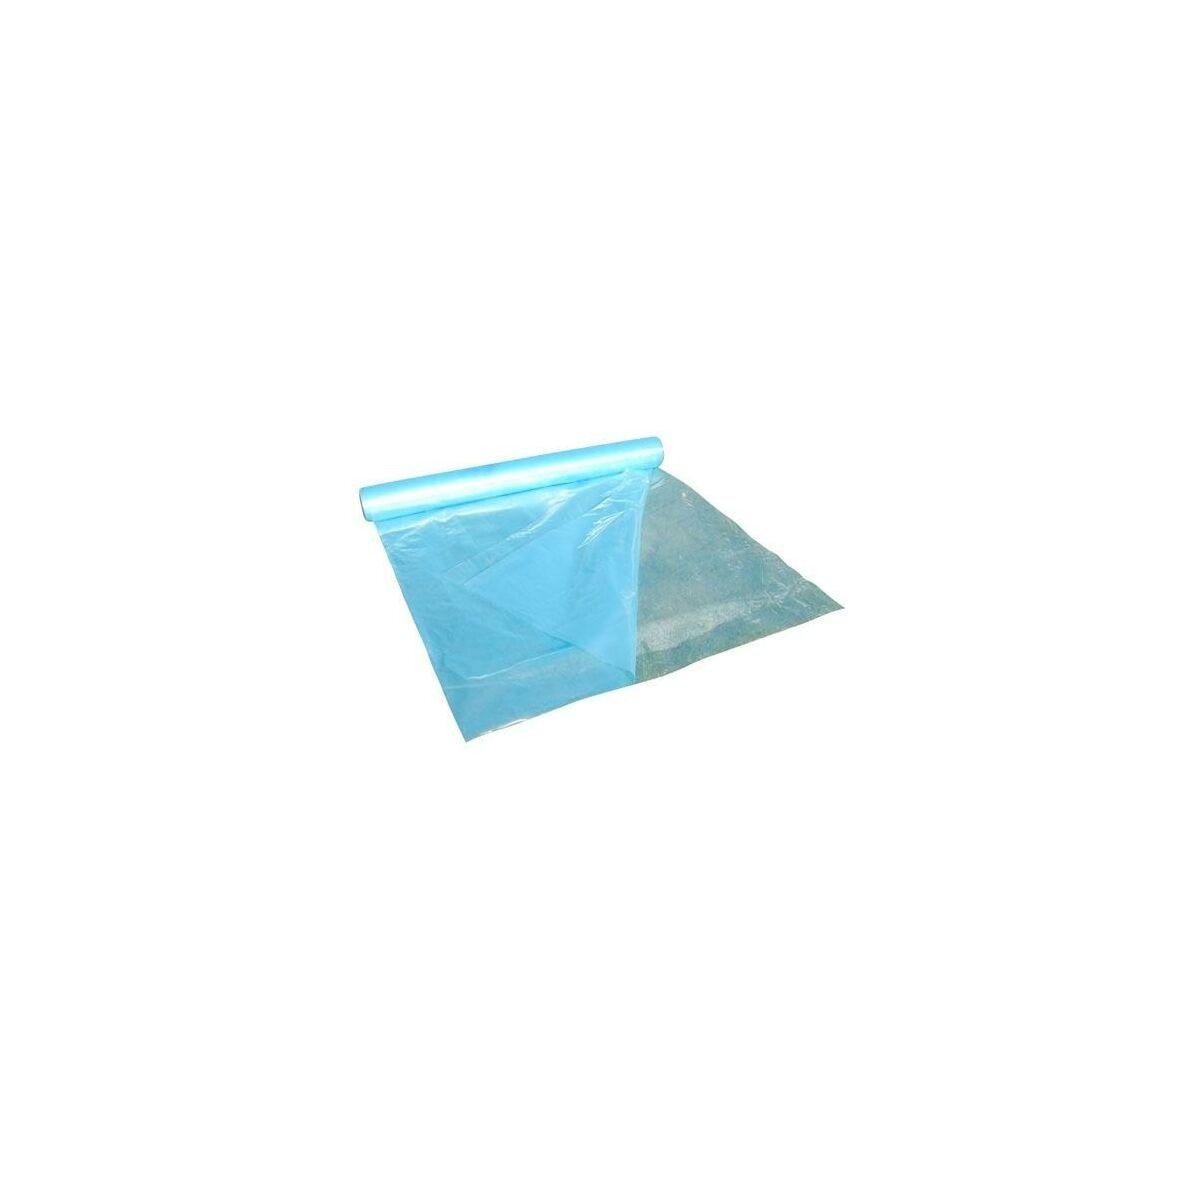 Folia Ogrodnicza Tunelowa 6 M Uv 2 Niebieska Plandeki Folie Ochronne W Atrakcyjnej Cenie W Sklepach Leroy Merlin